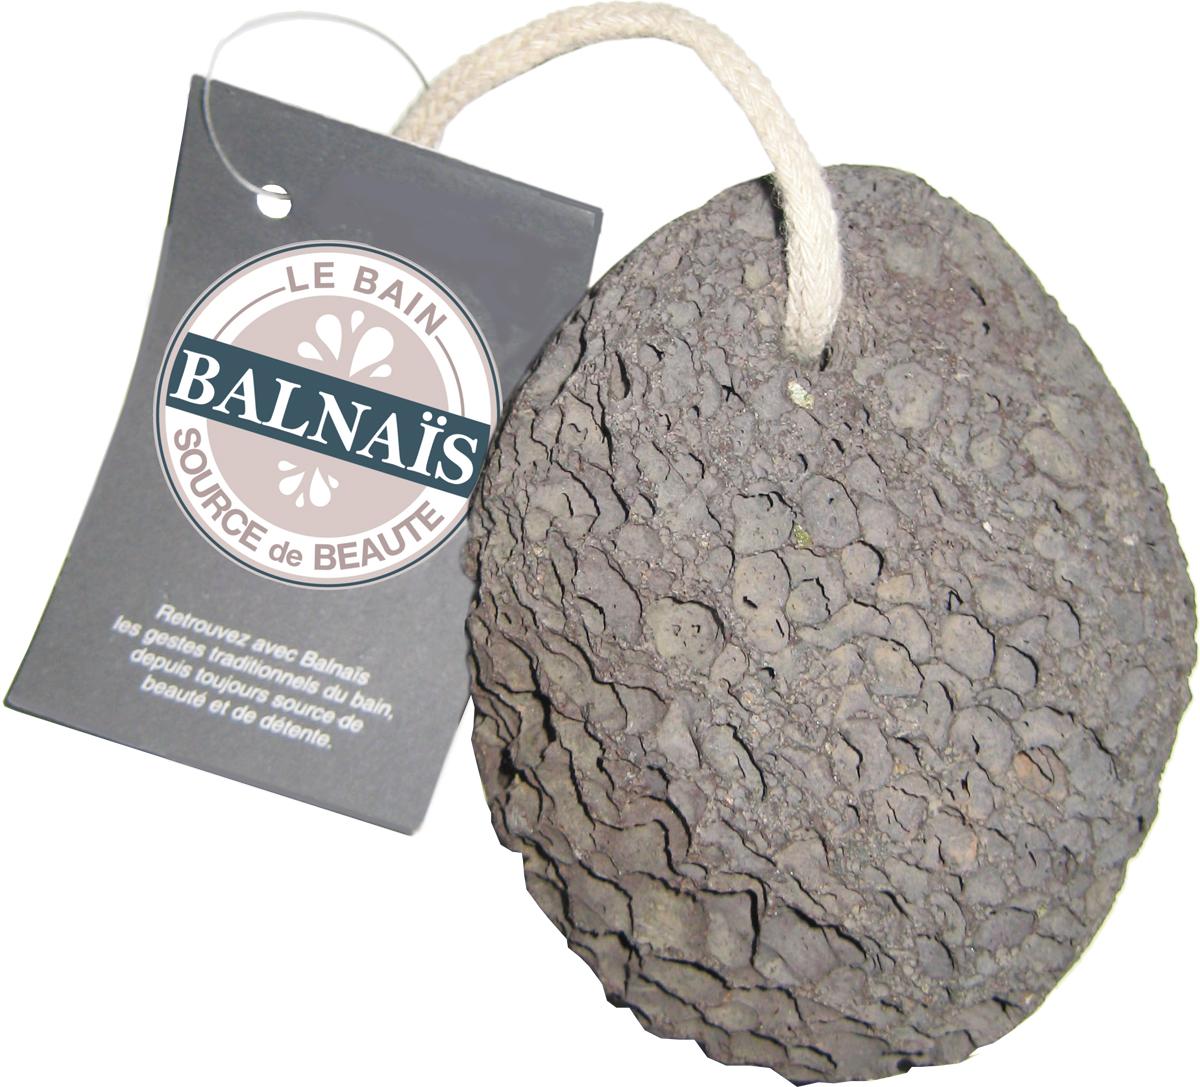 Balnais Пемза из вулканической лавы domina пемза д ног 81557